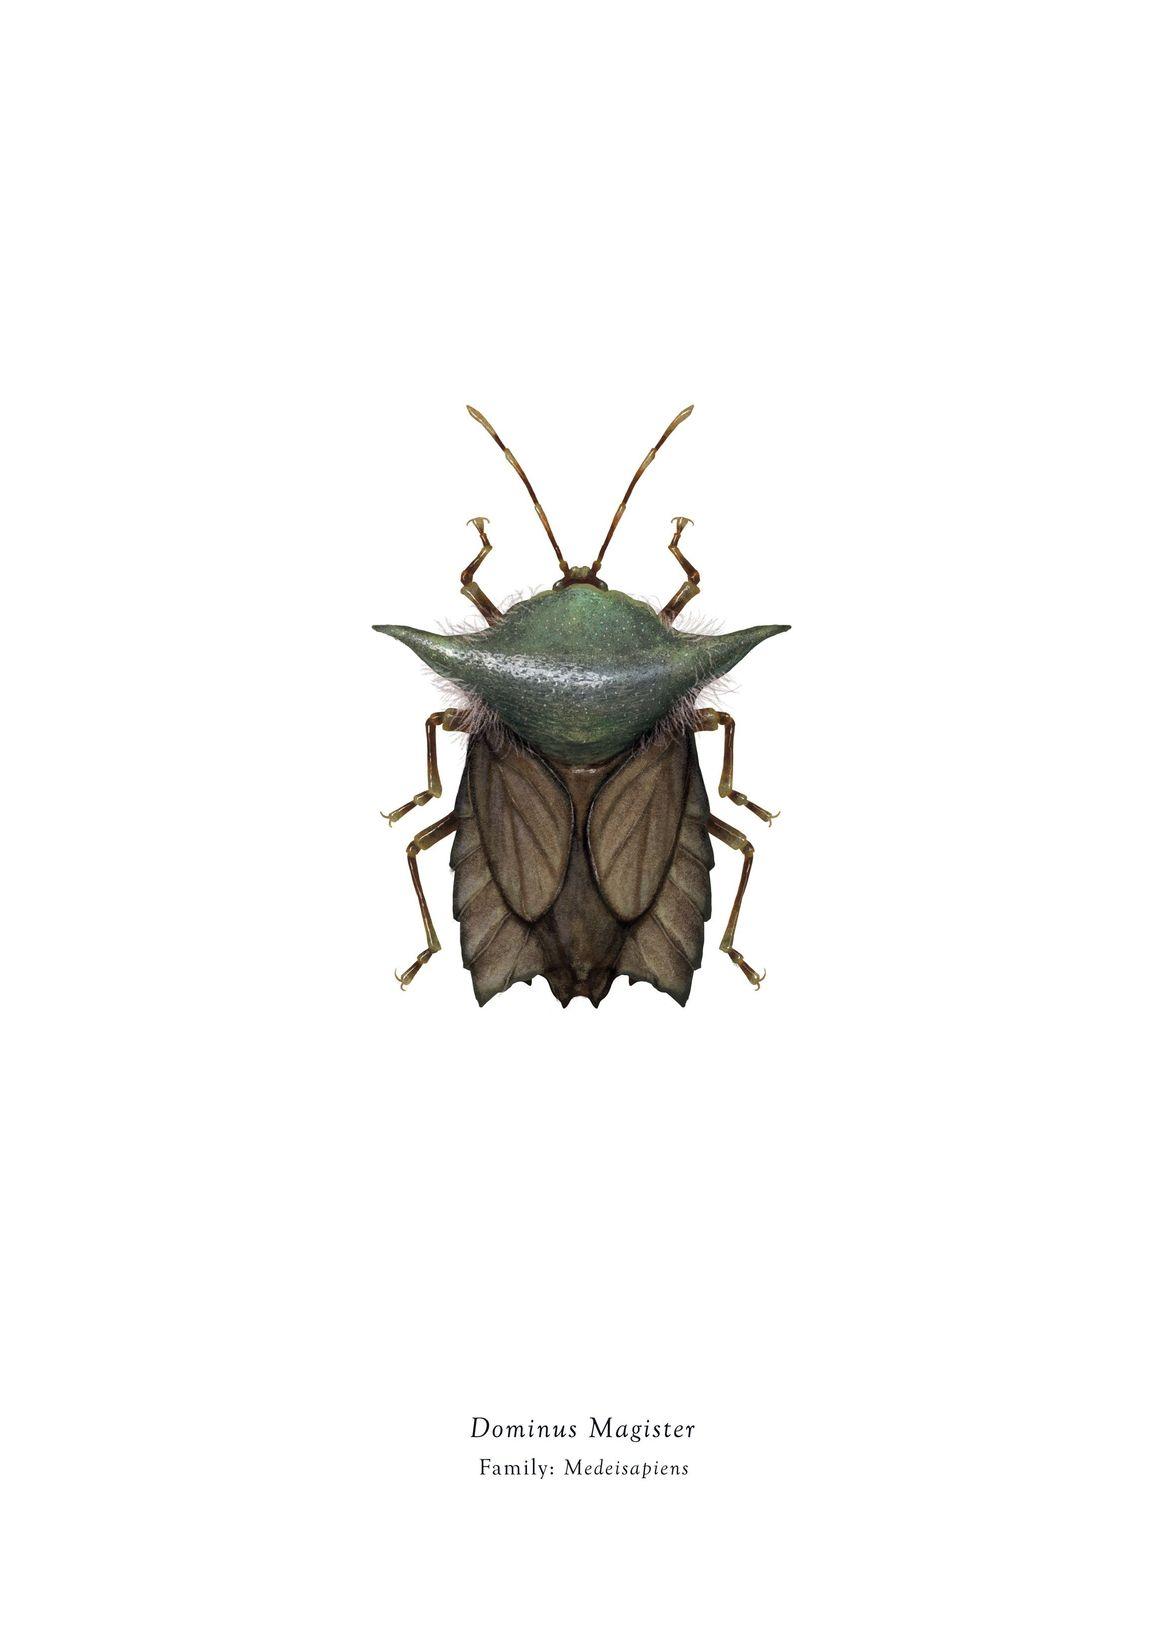 richard wilkinson star wars bugs yoda